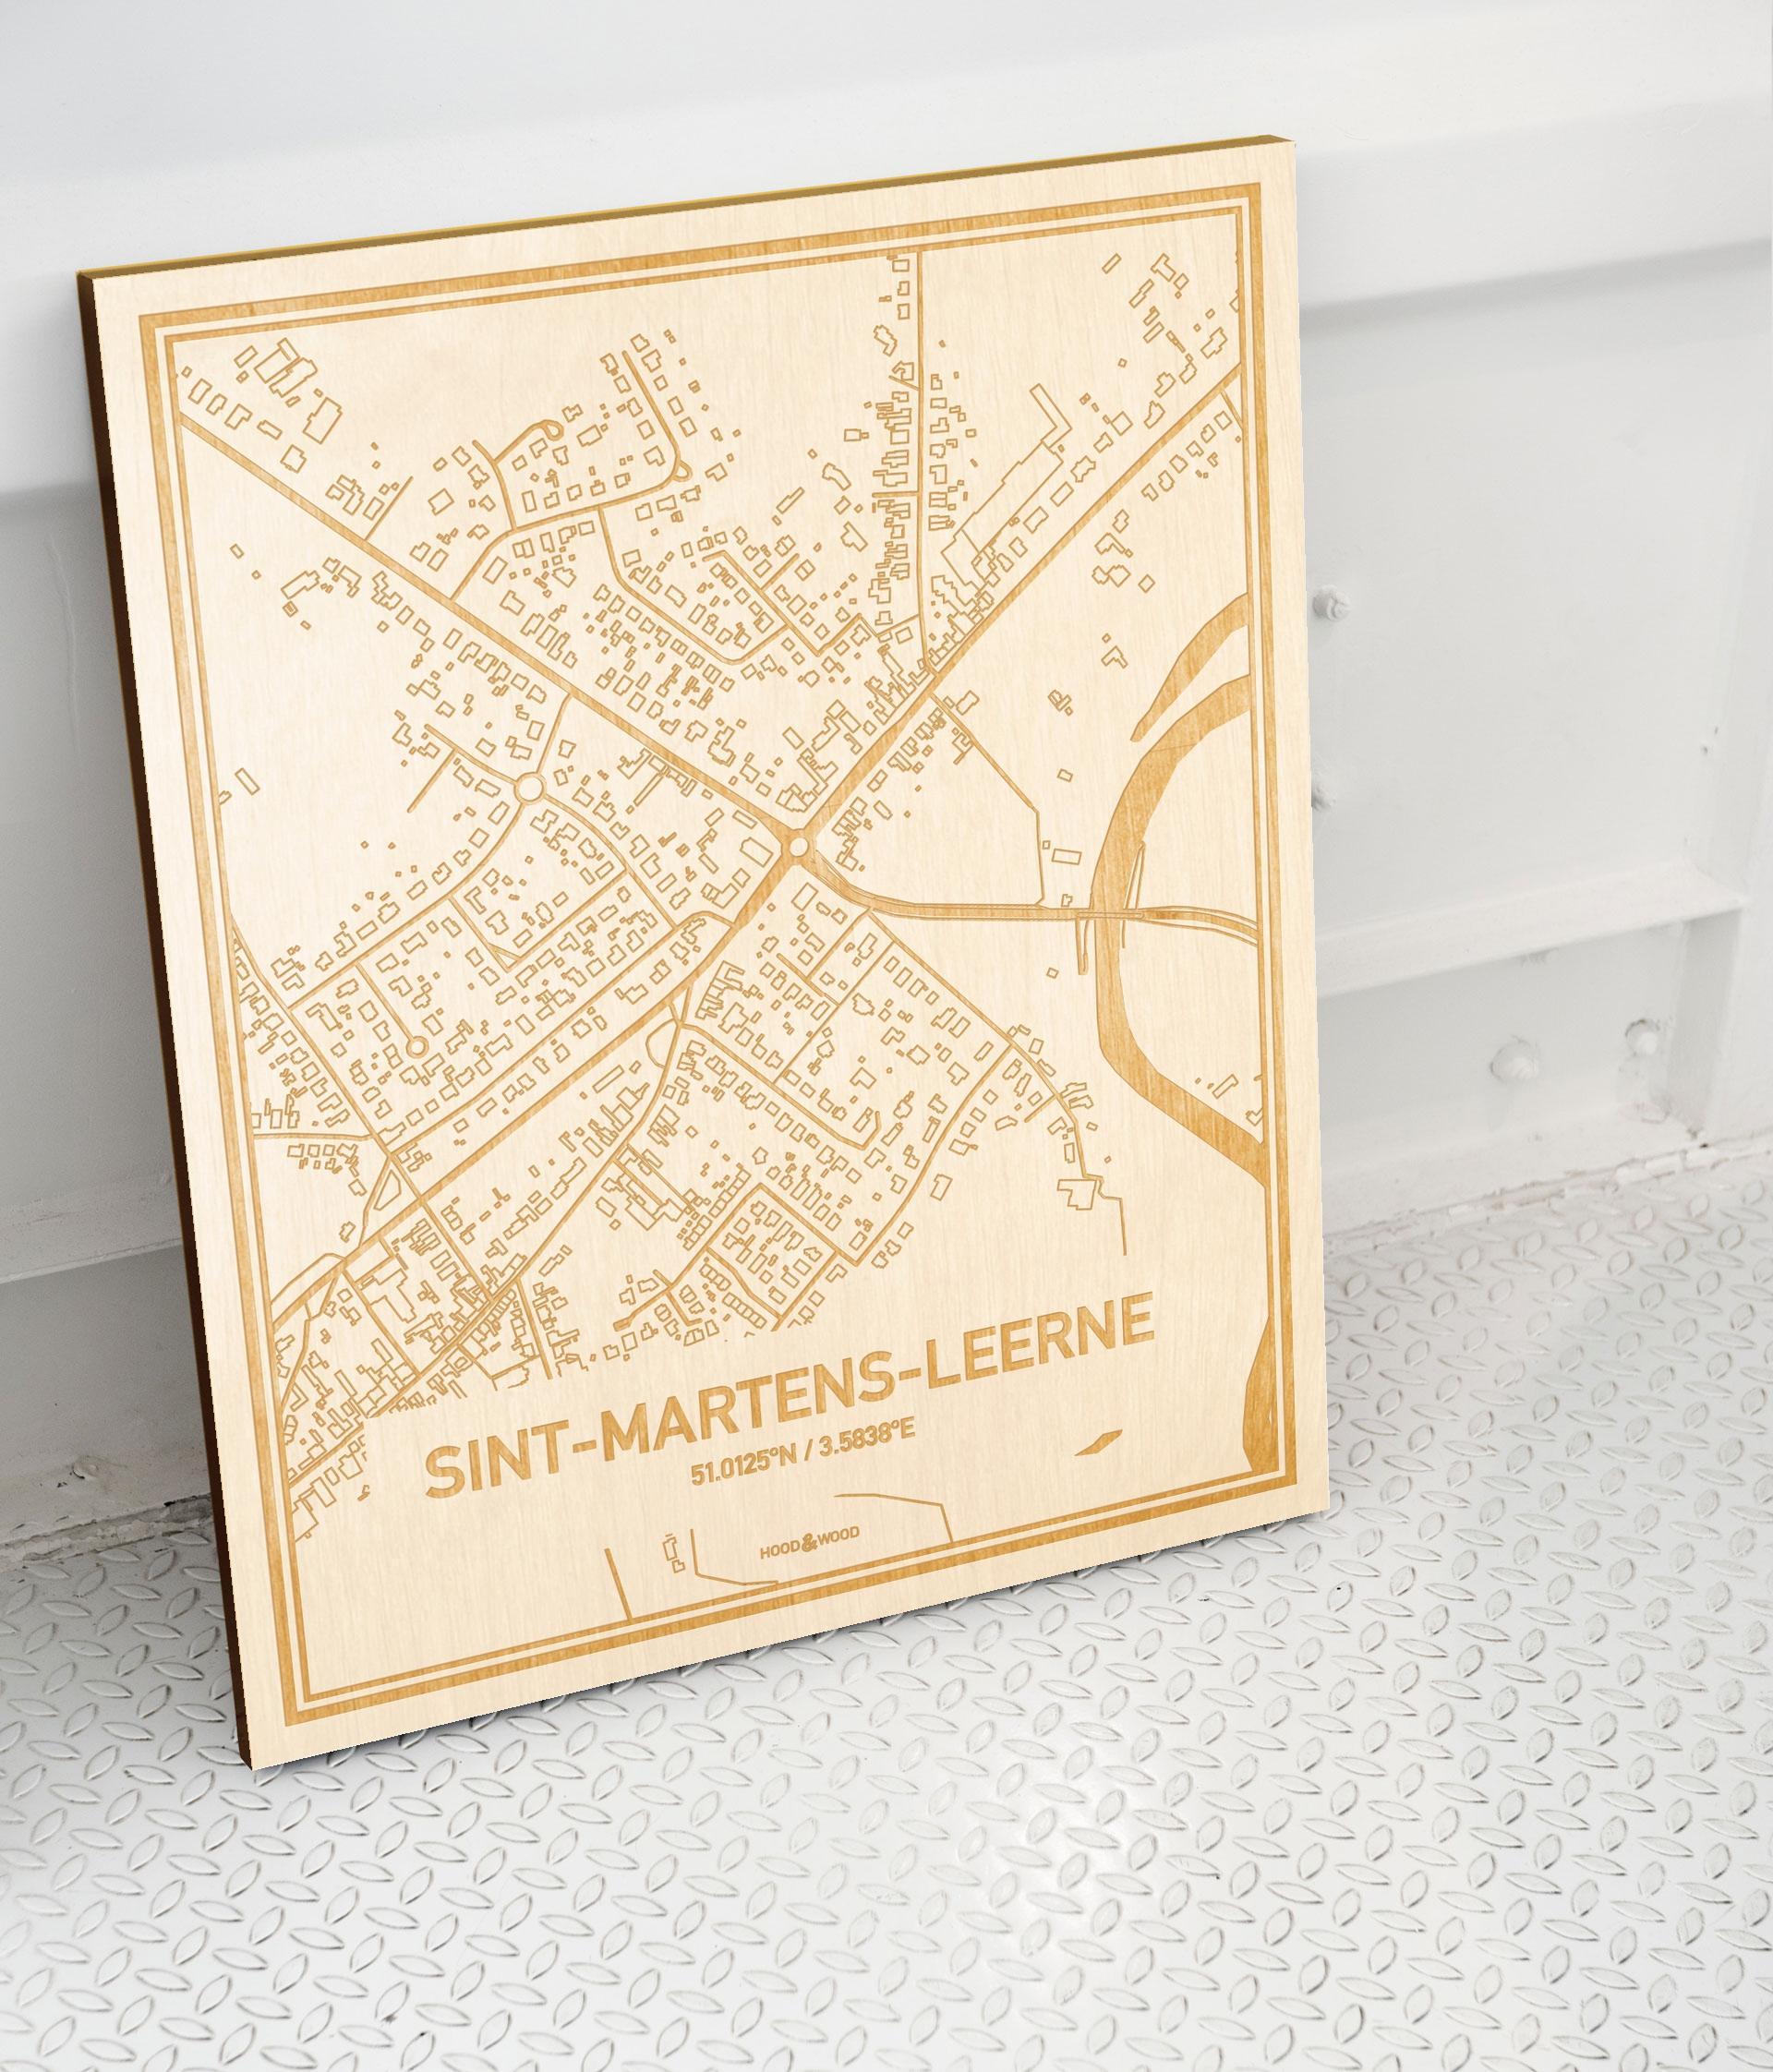 Plattegrond Sint-Martens-Leerne als prachtige houten wanddecoratie. Het warme hout contrasteert mooi met de witte muur.